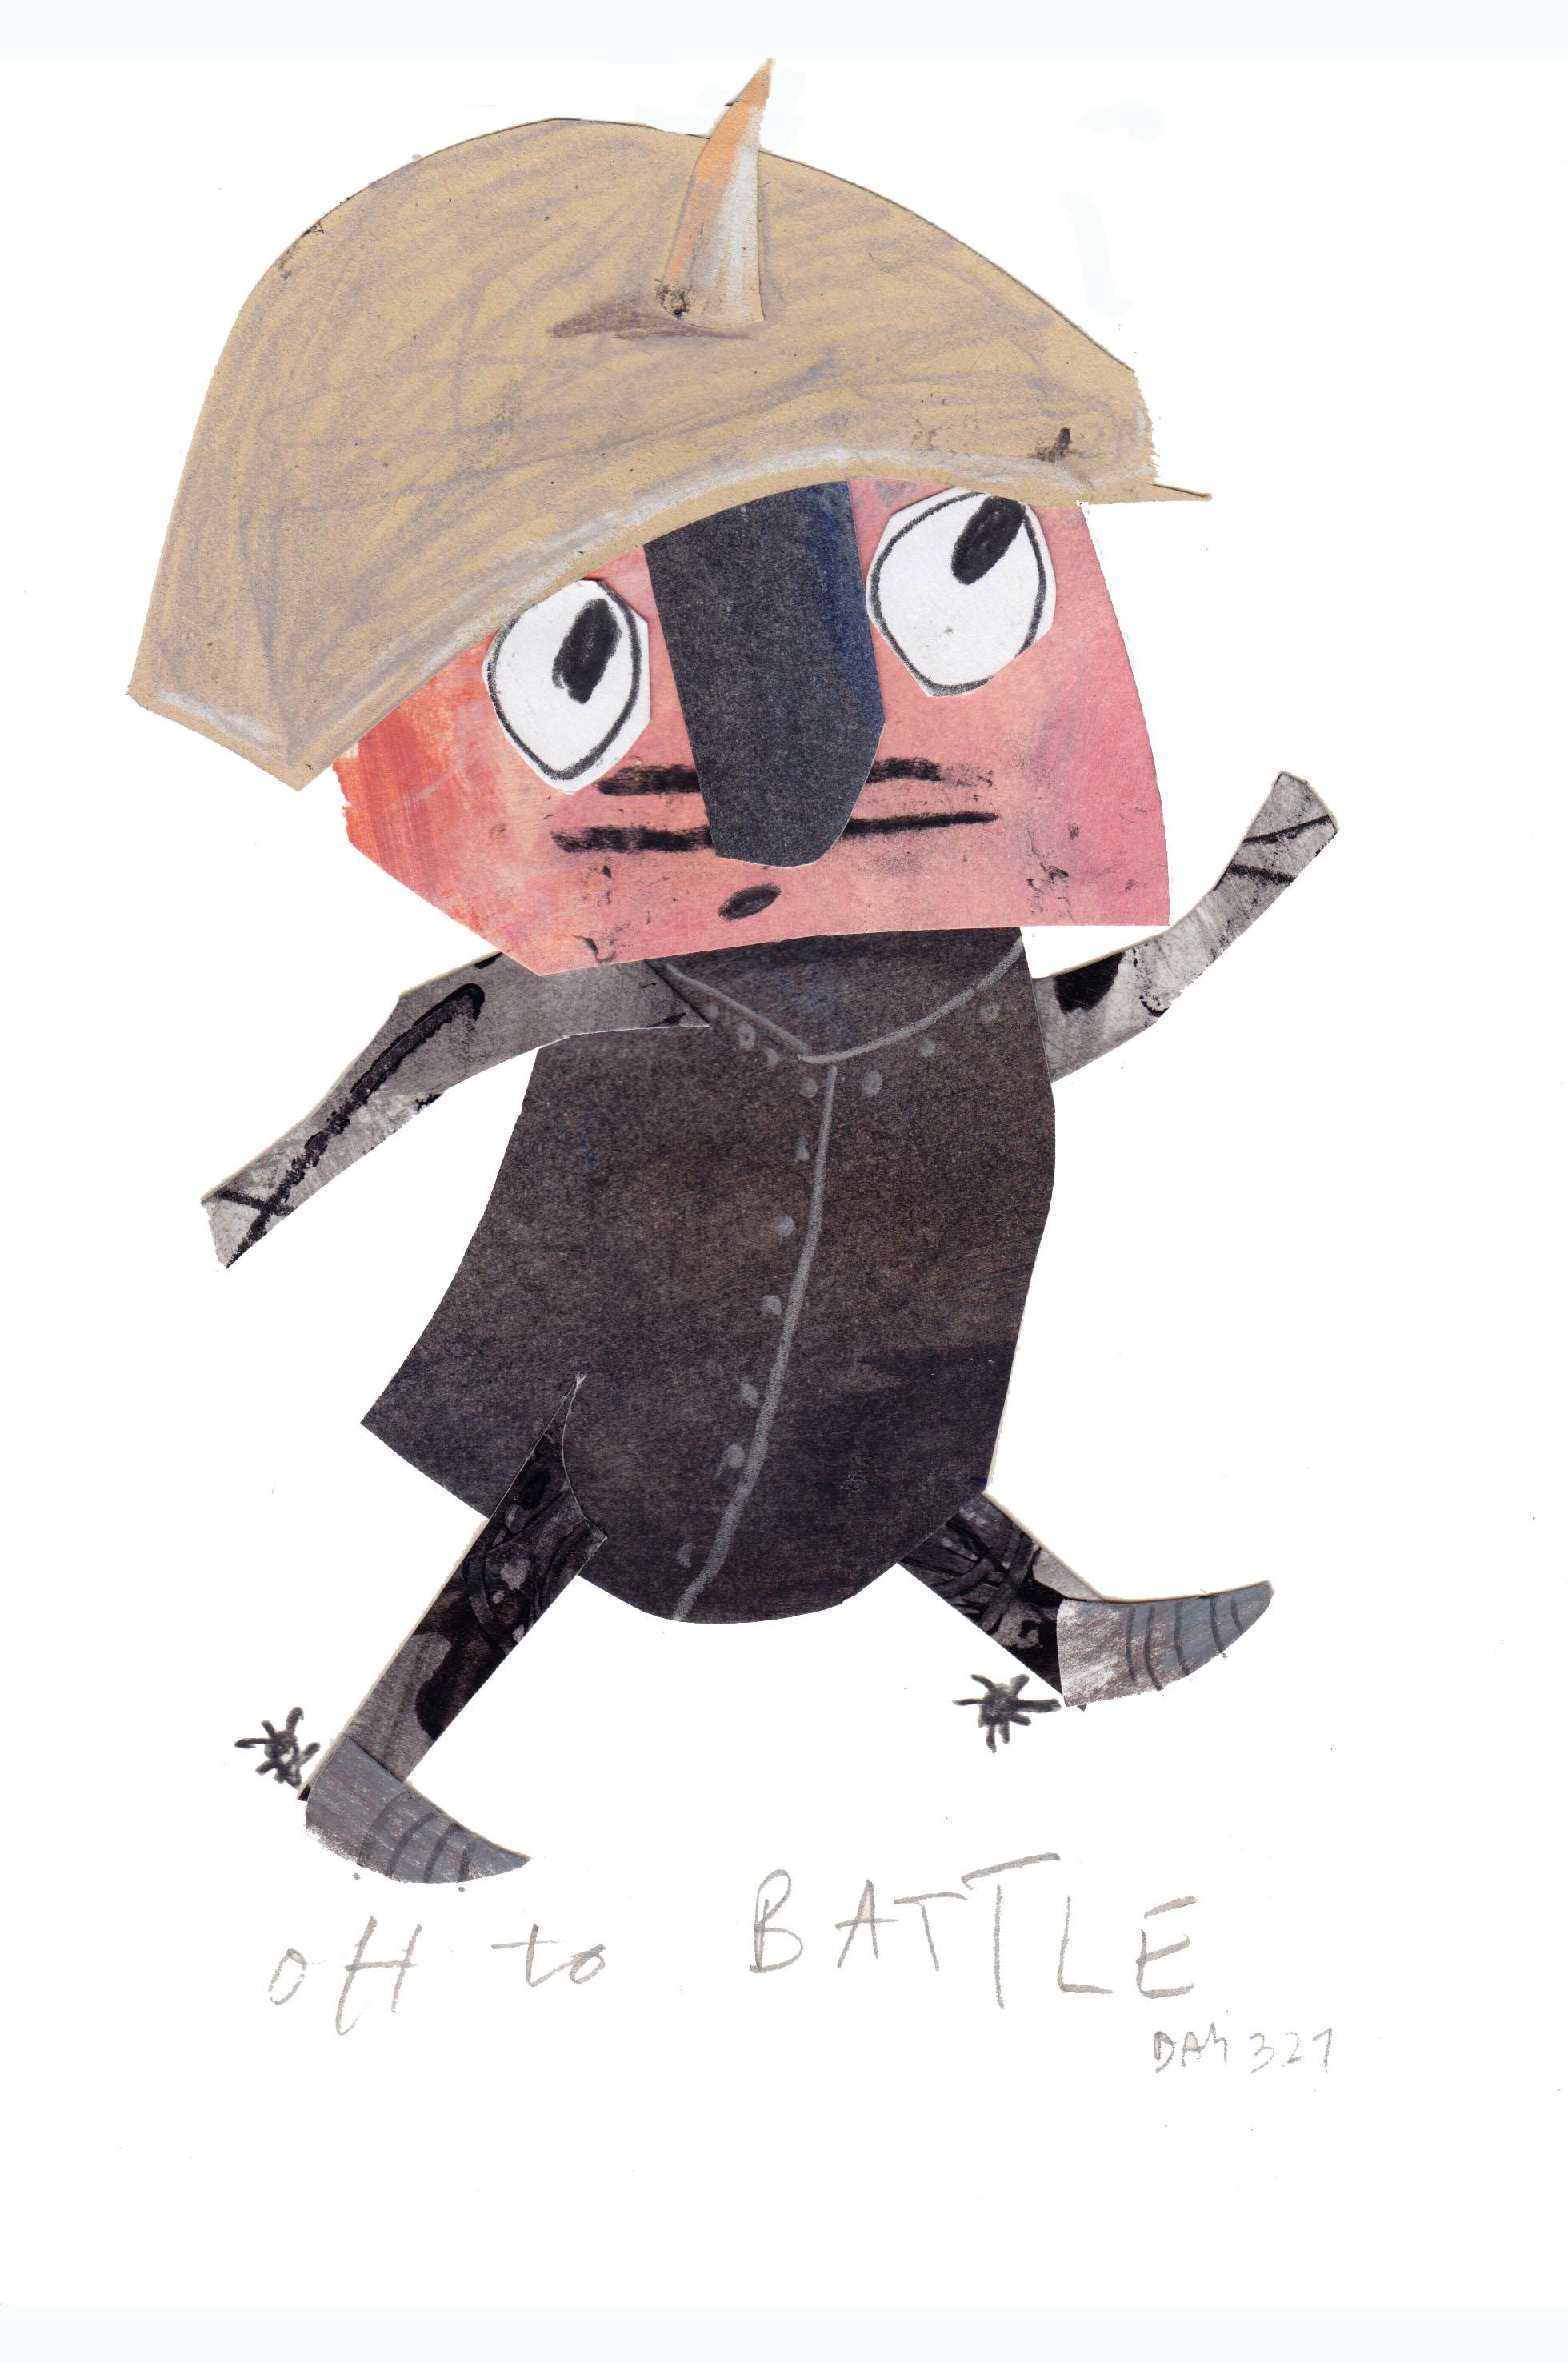 battle no.296.jpg